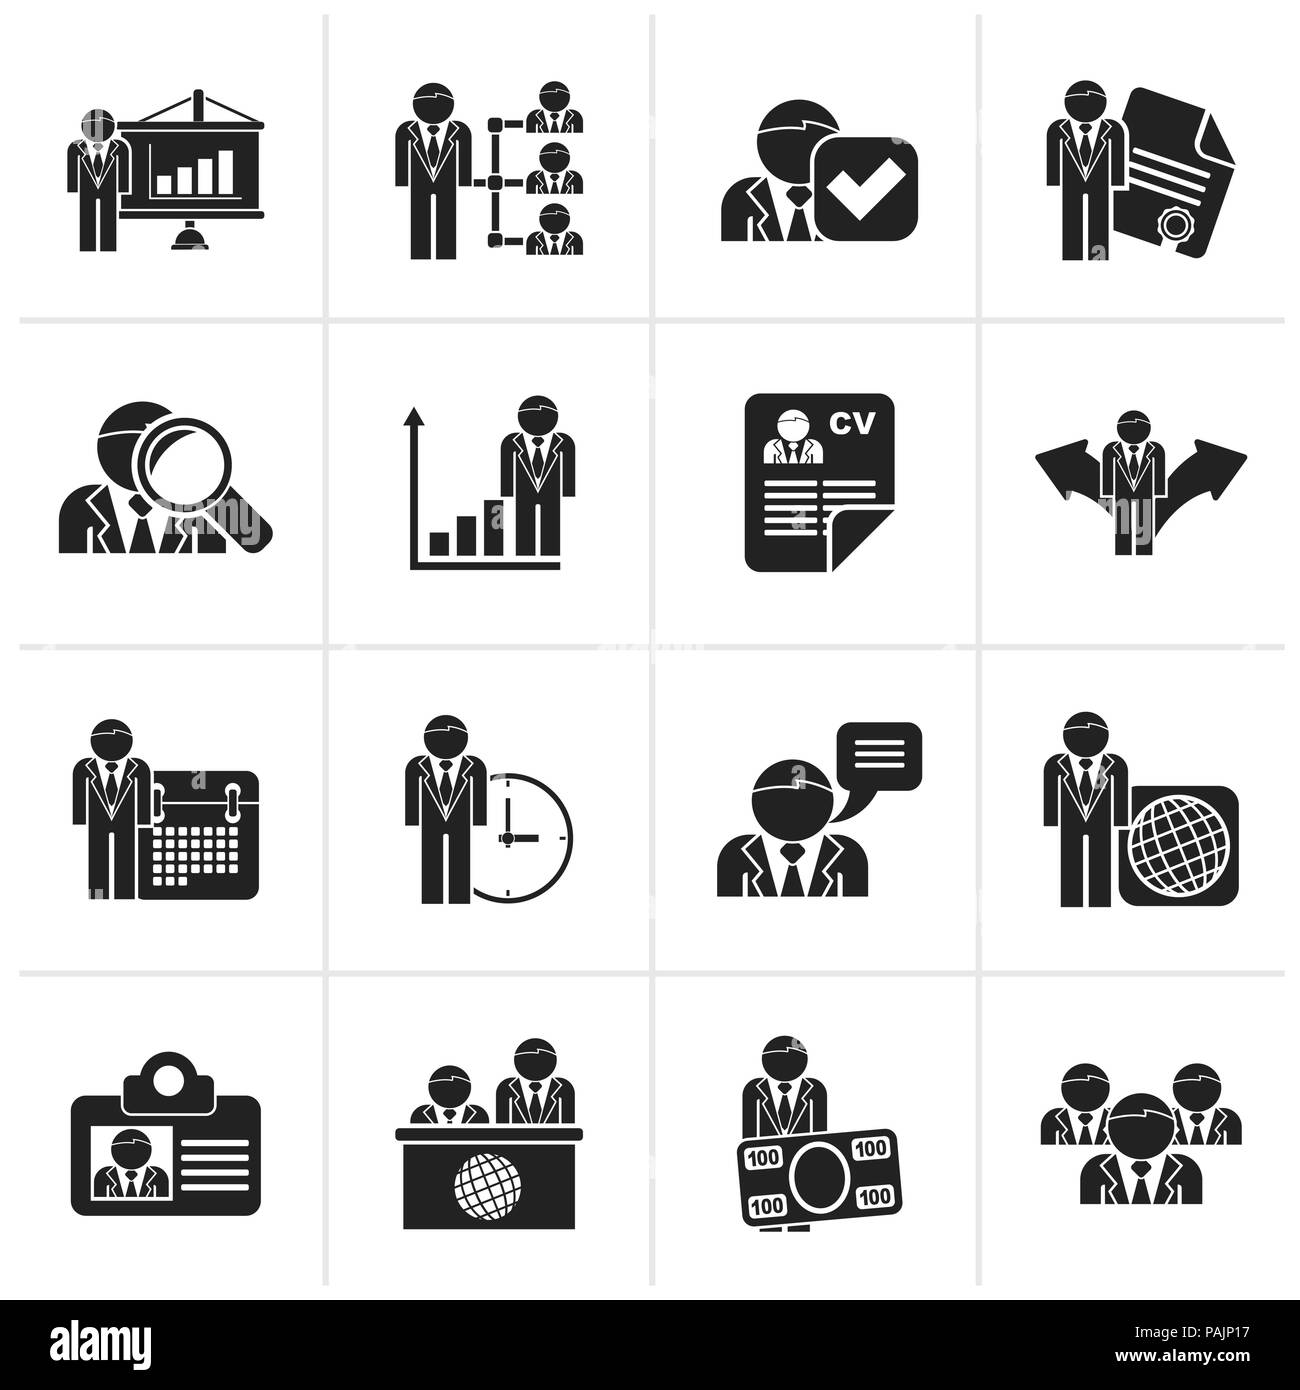 cv icon photos  u0026 cv icon images - page 6